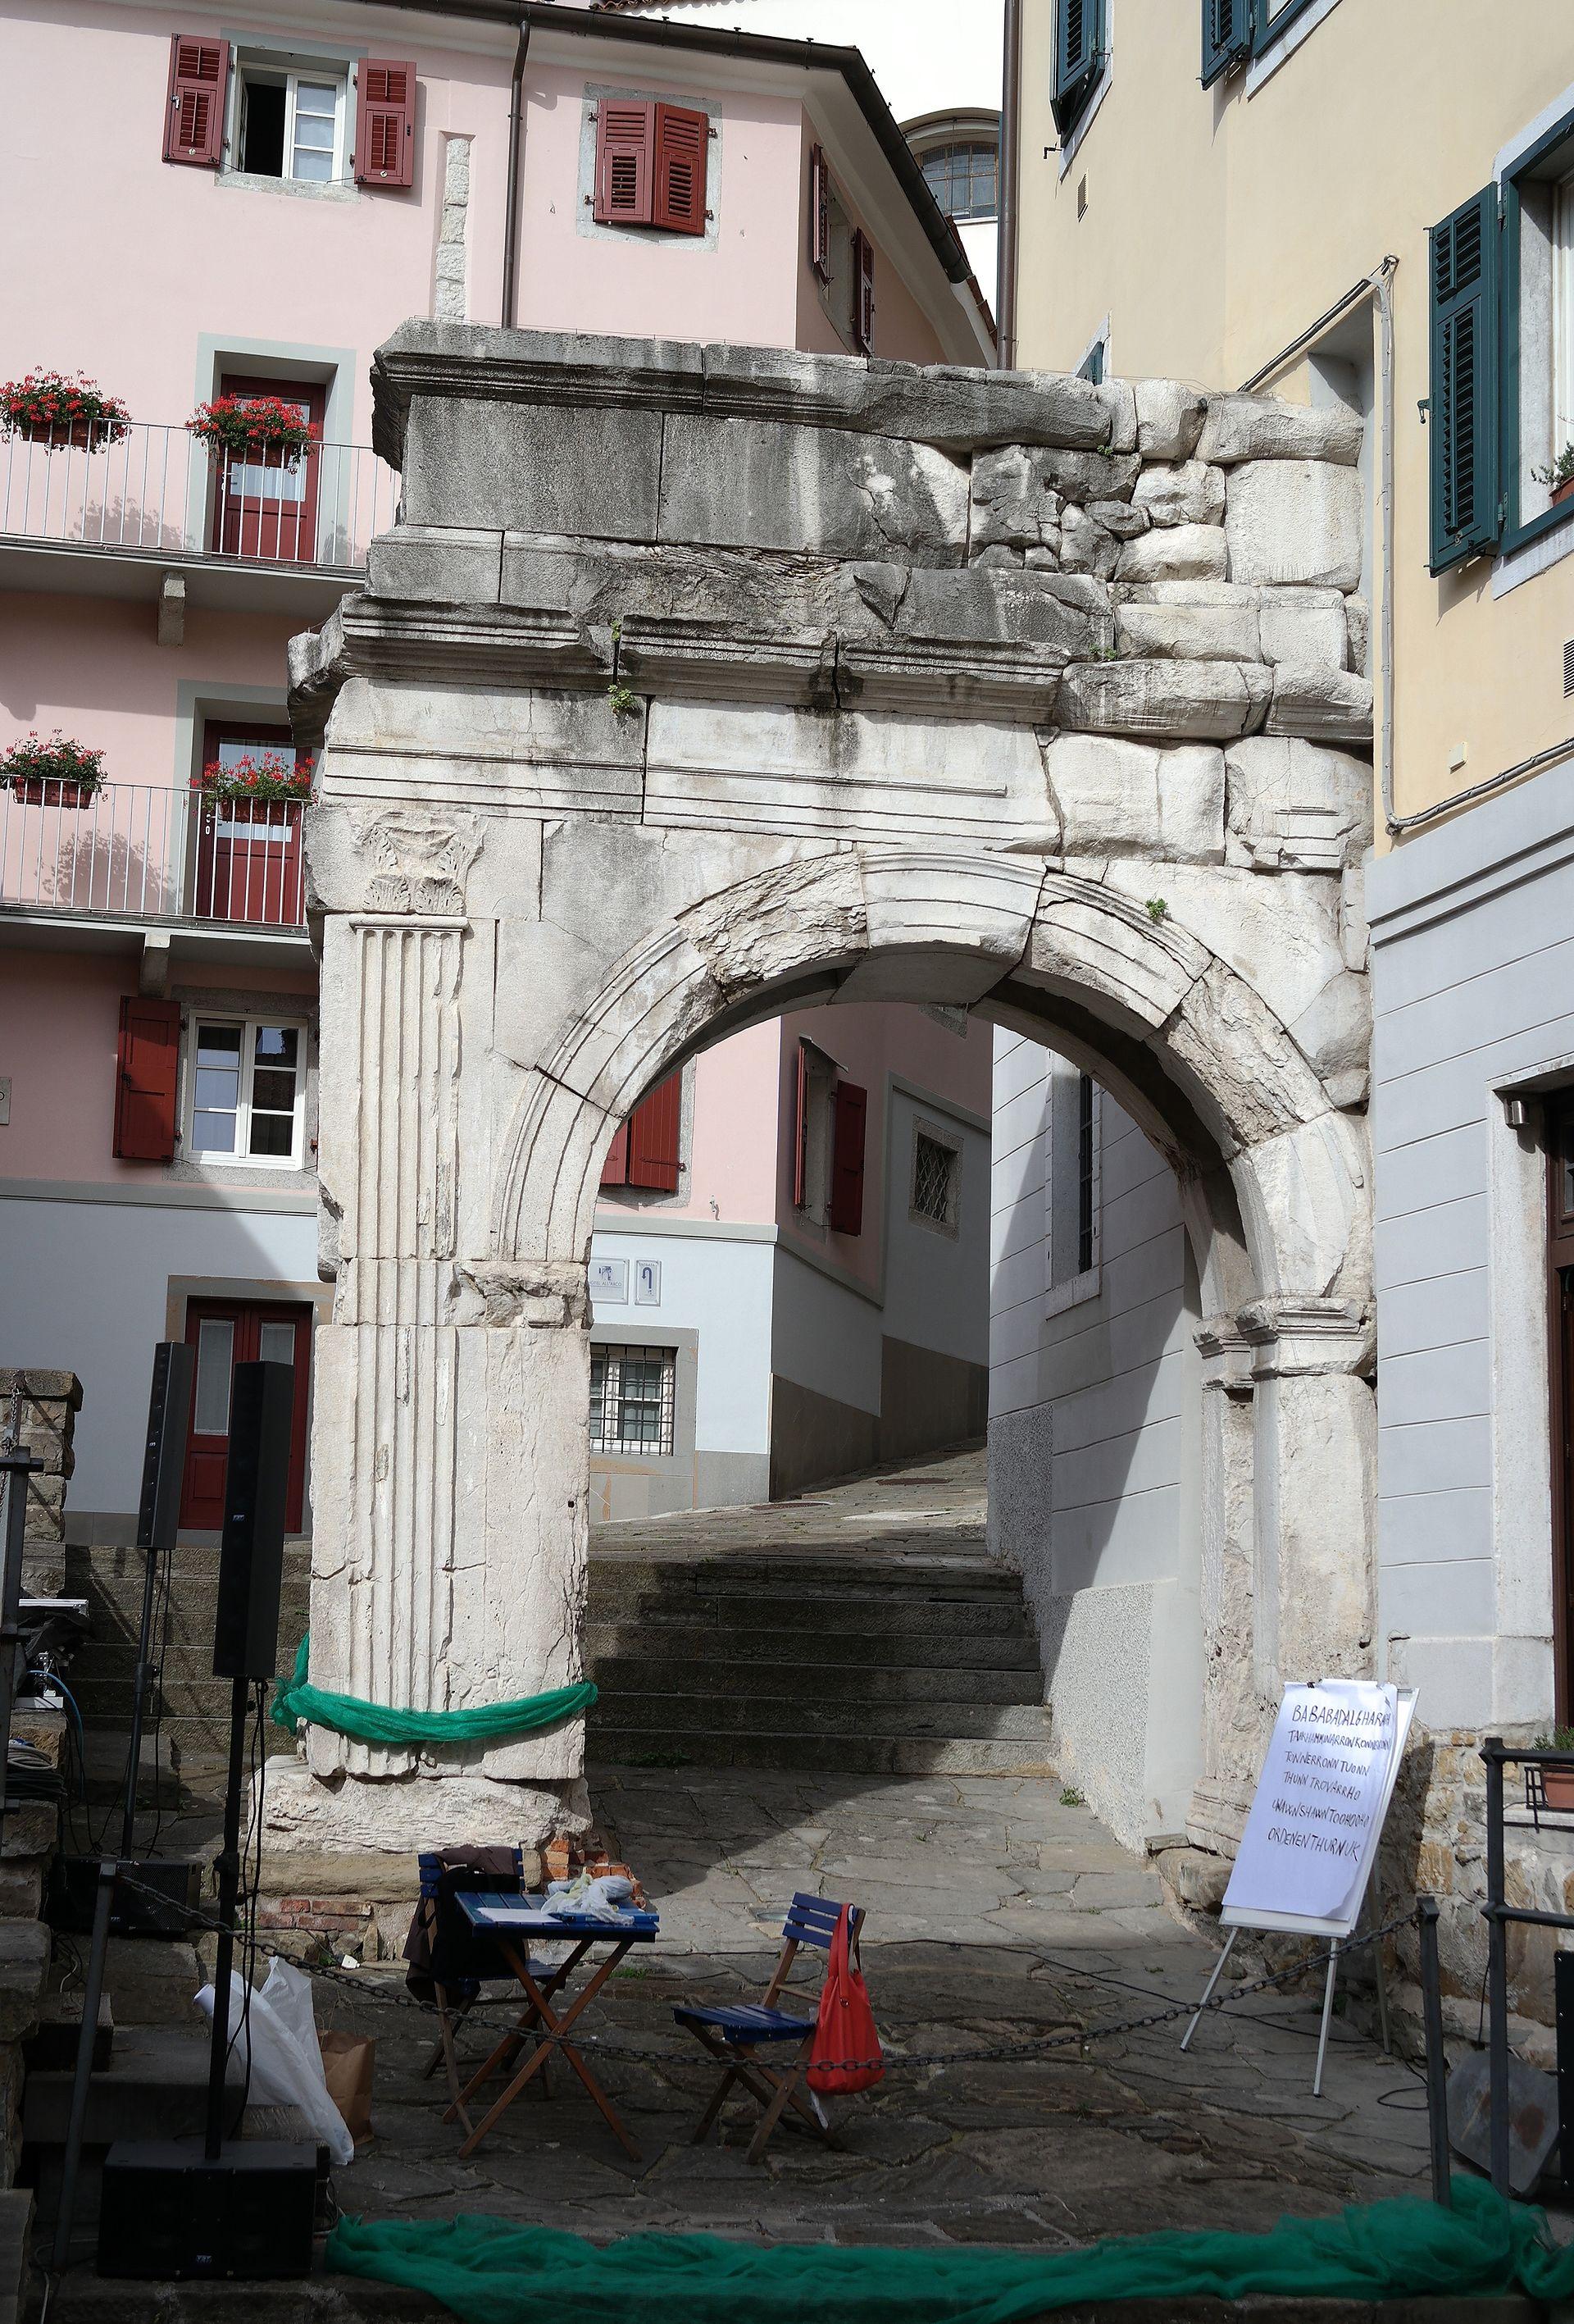 Storia di trieste wikipedia - Nuova portaerei italiana trieste ...